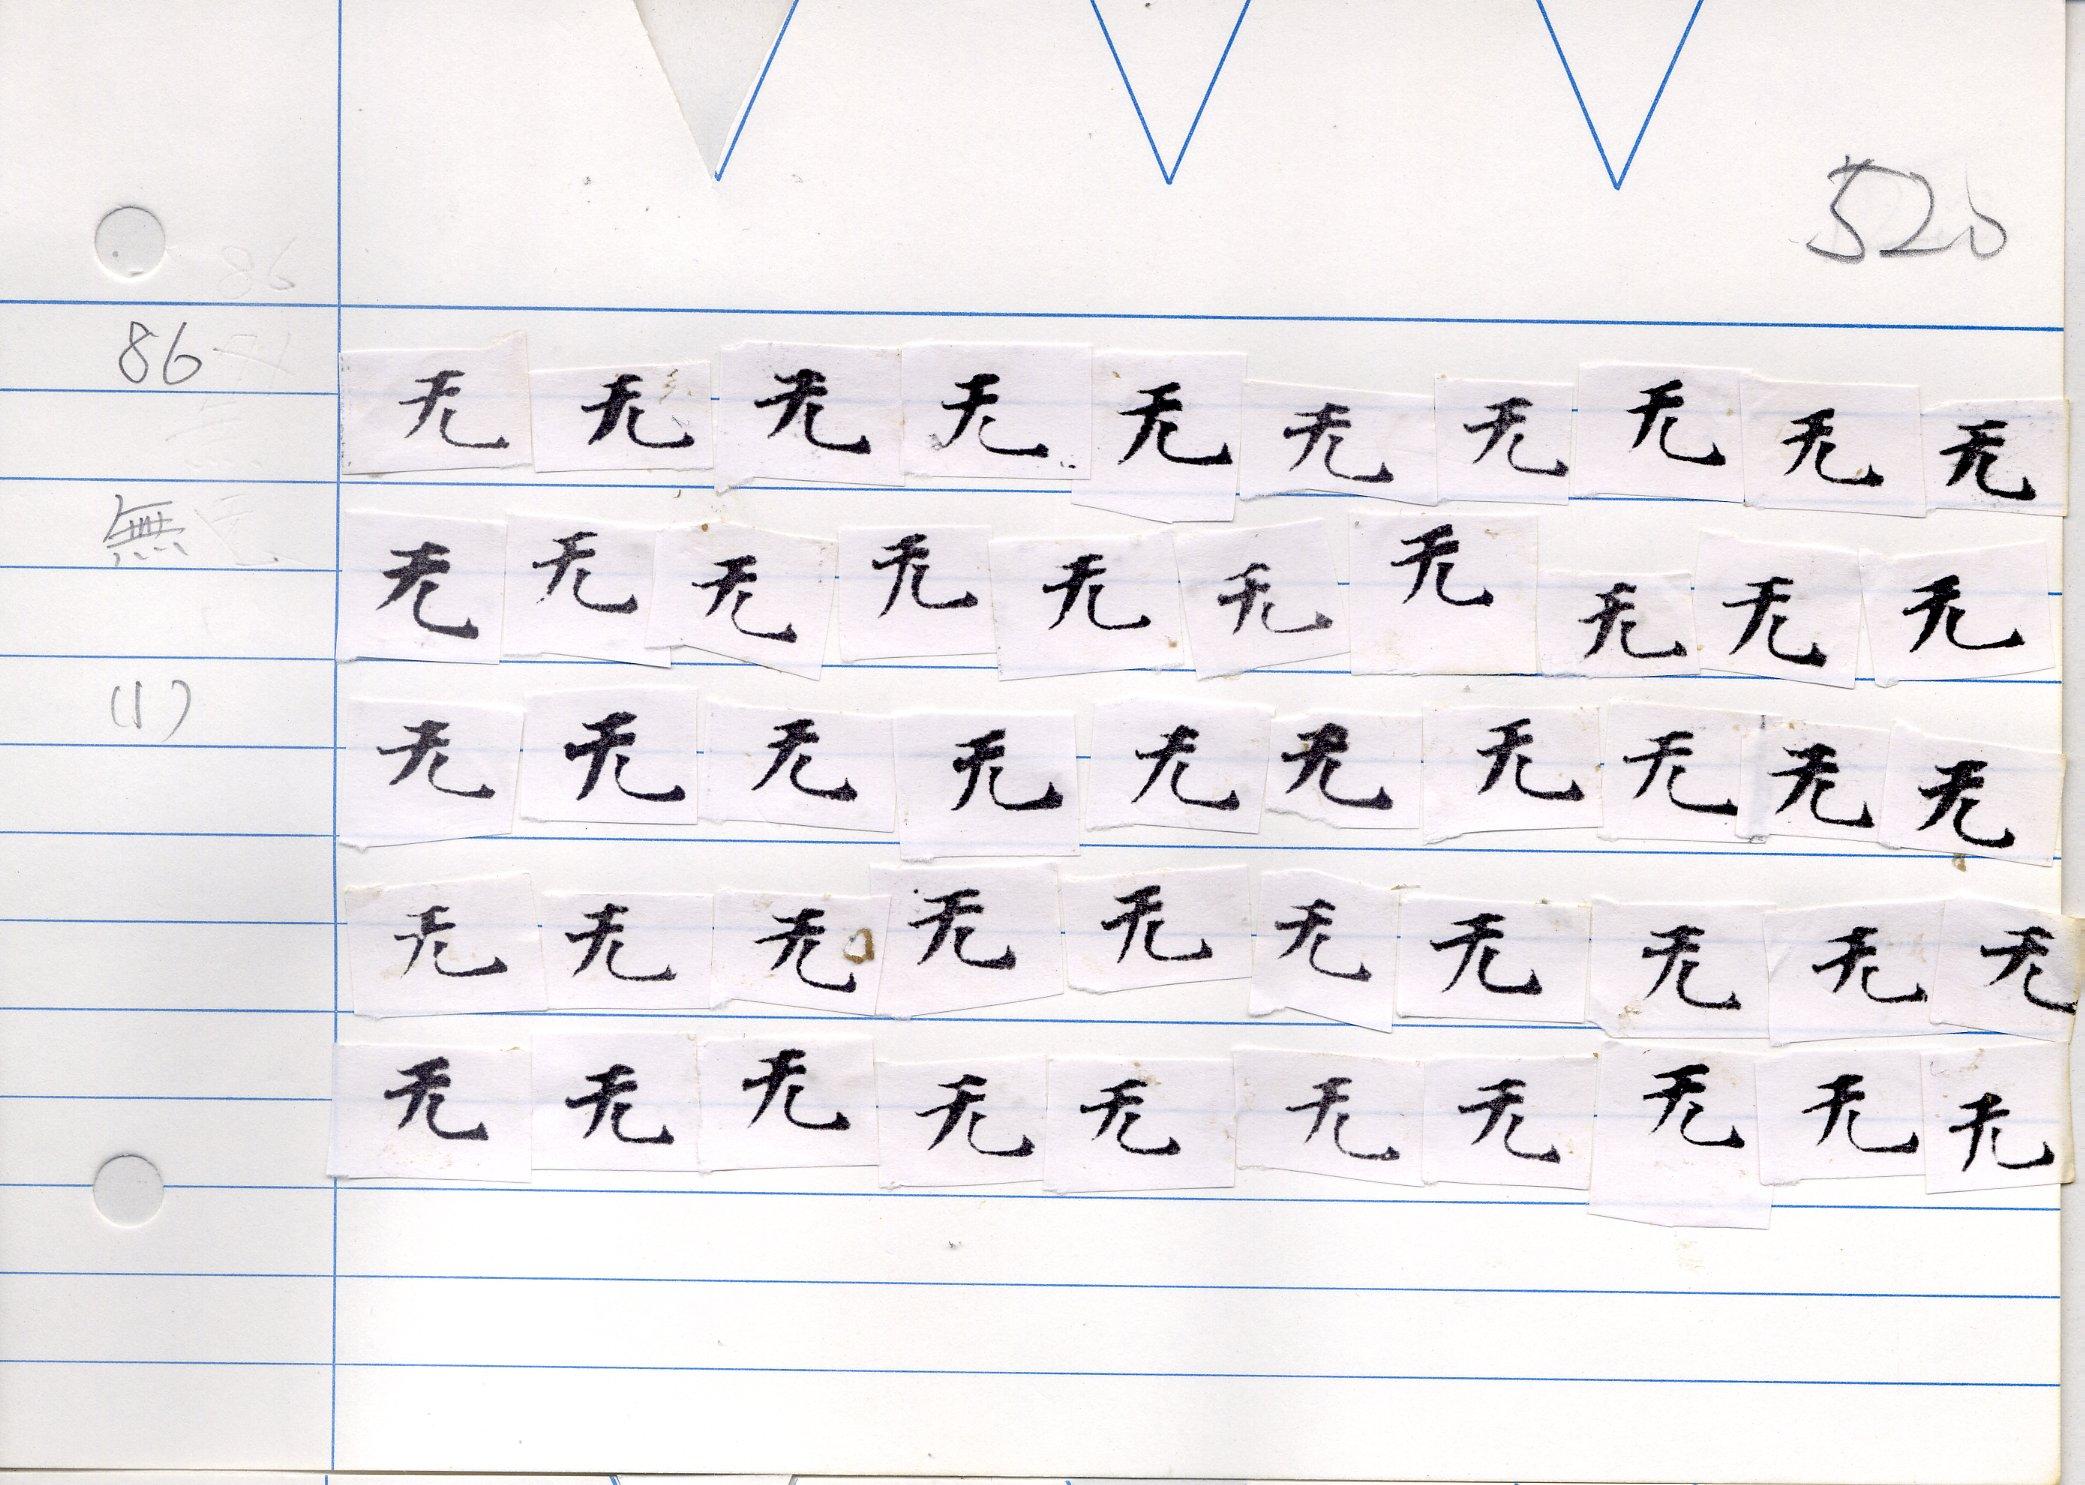 54_大般若經卷二百五十(和銅經)/cards/0168.jpg